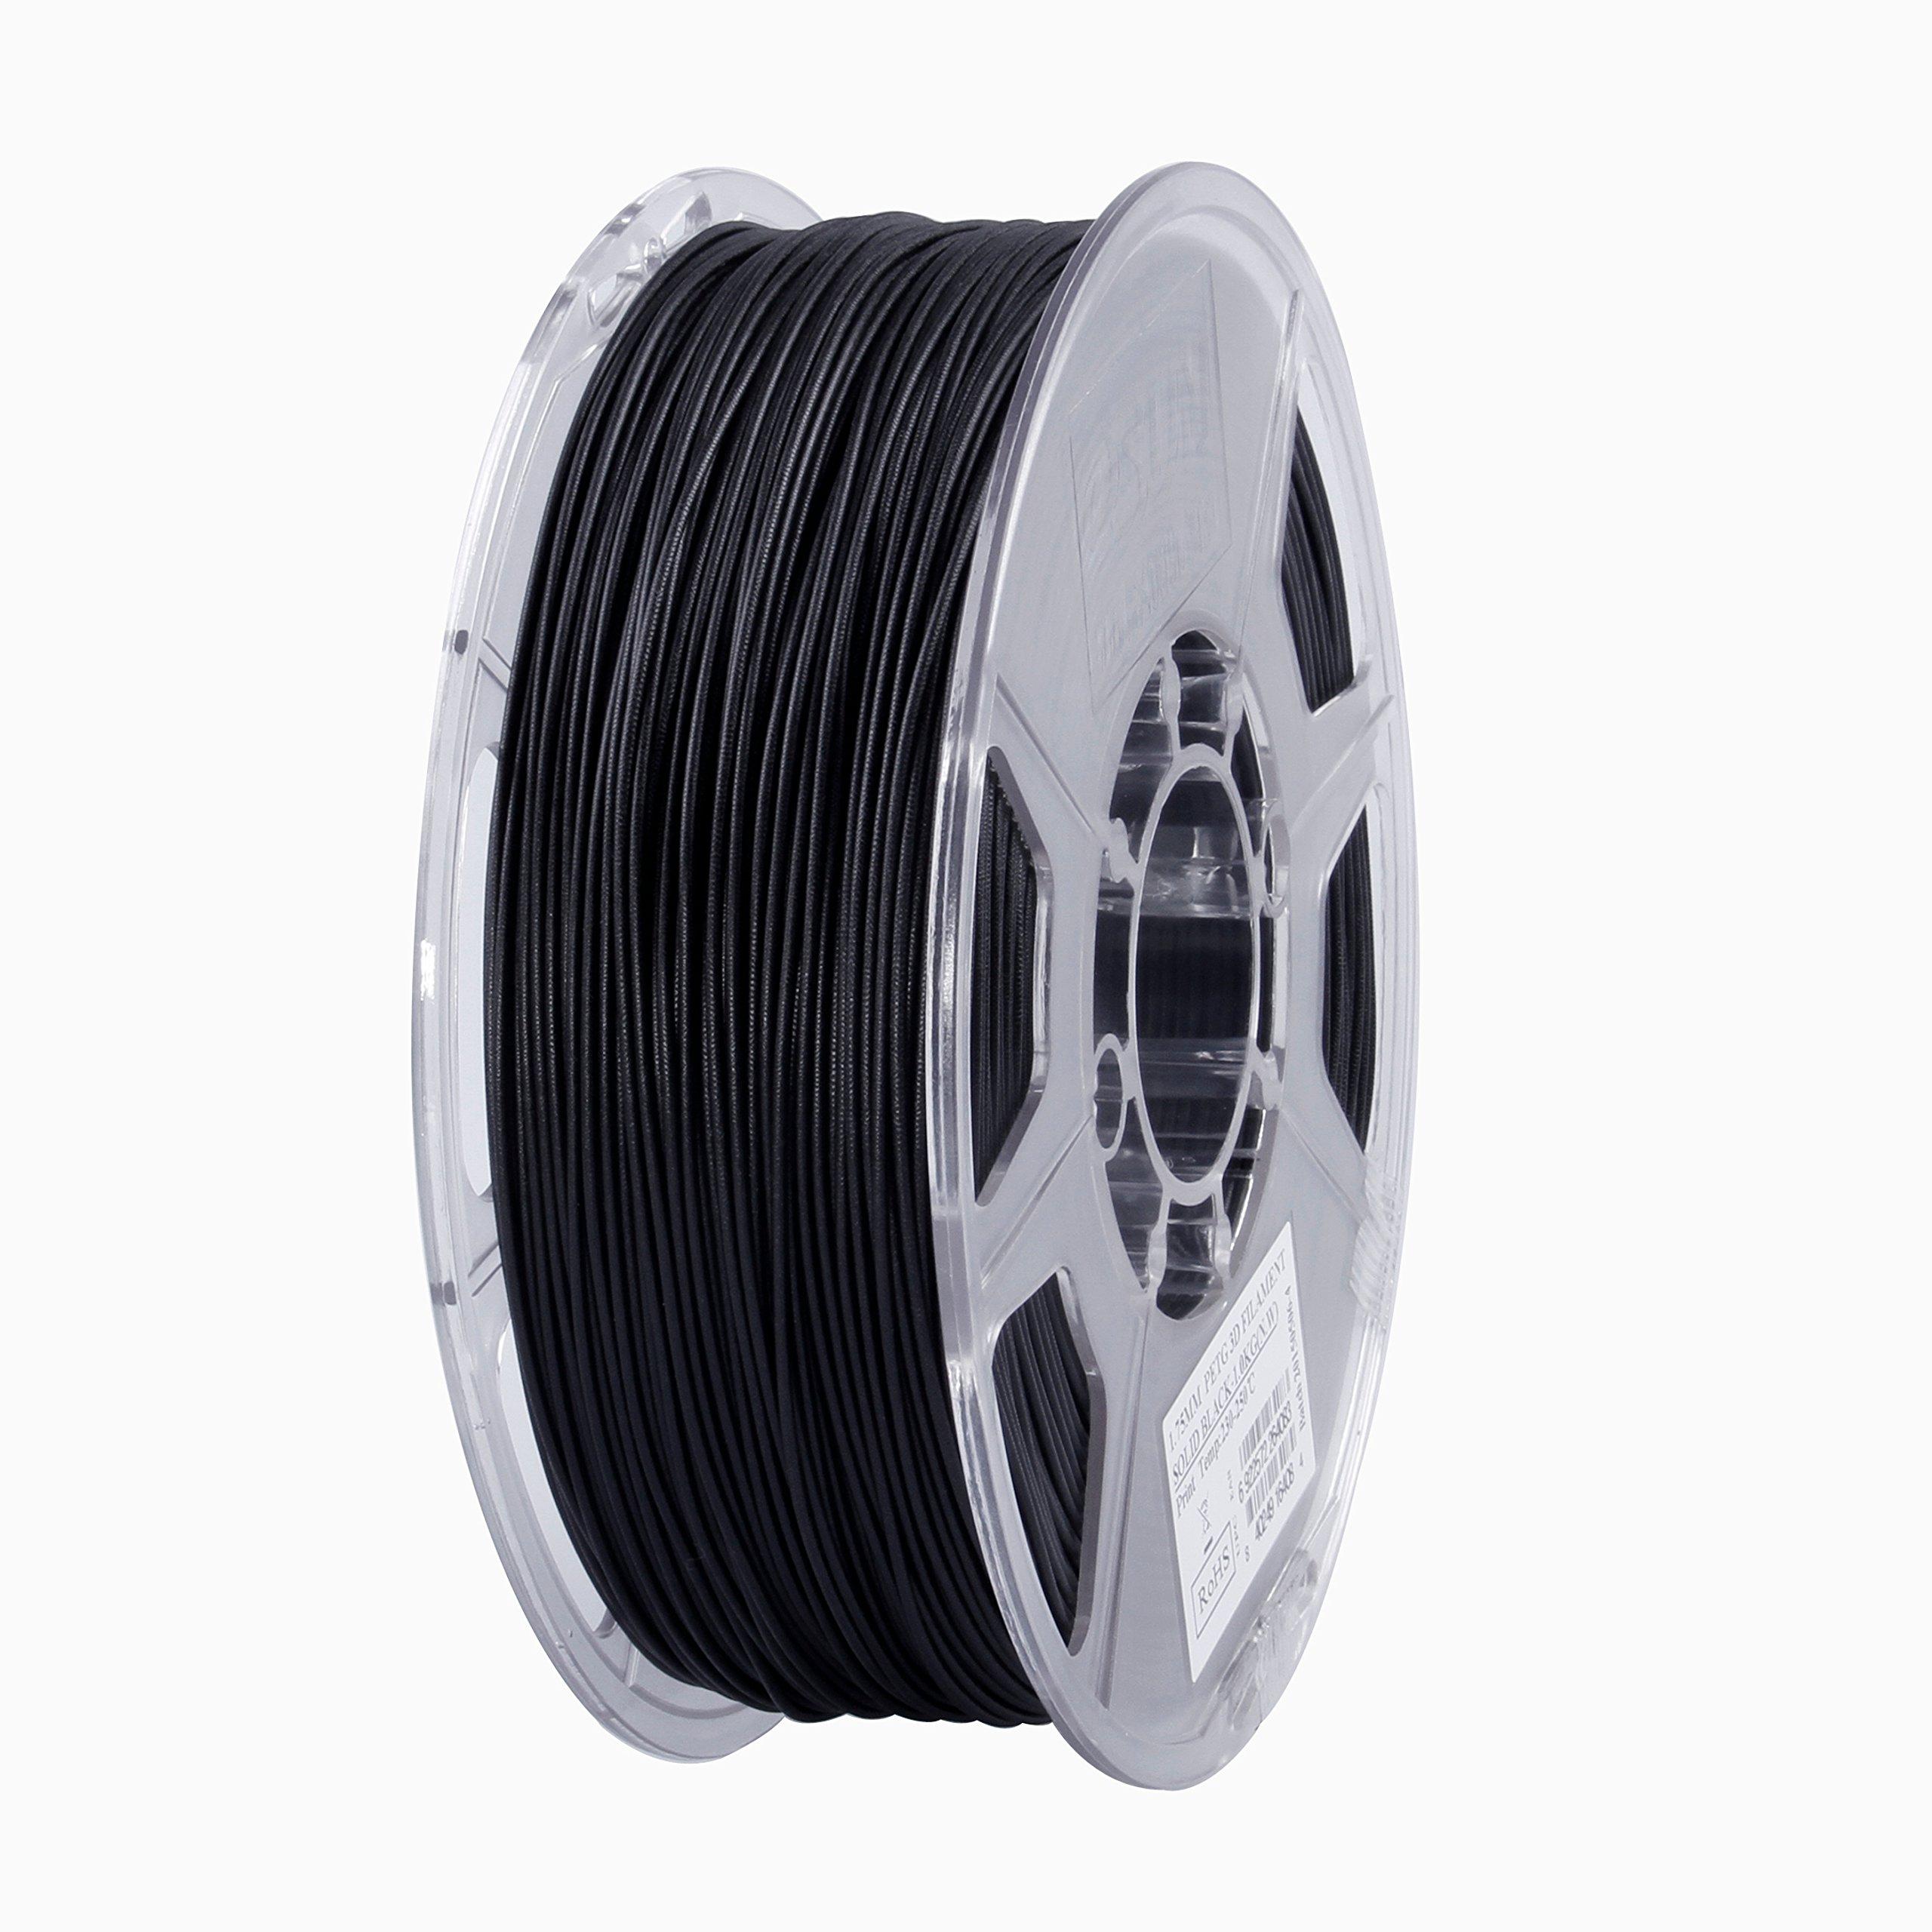 Filamento PETG 1.75mm 1kg COLOR FOTO-1 IMP 3D [0ZAUQZTA]